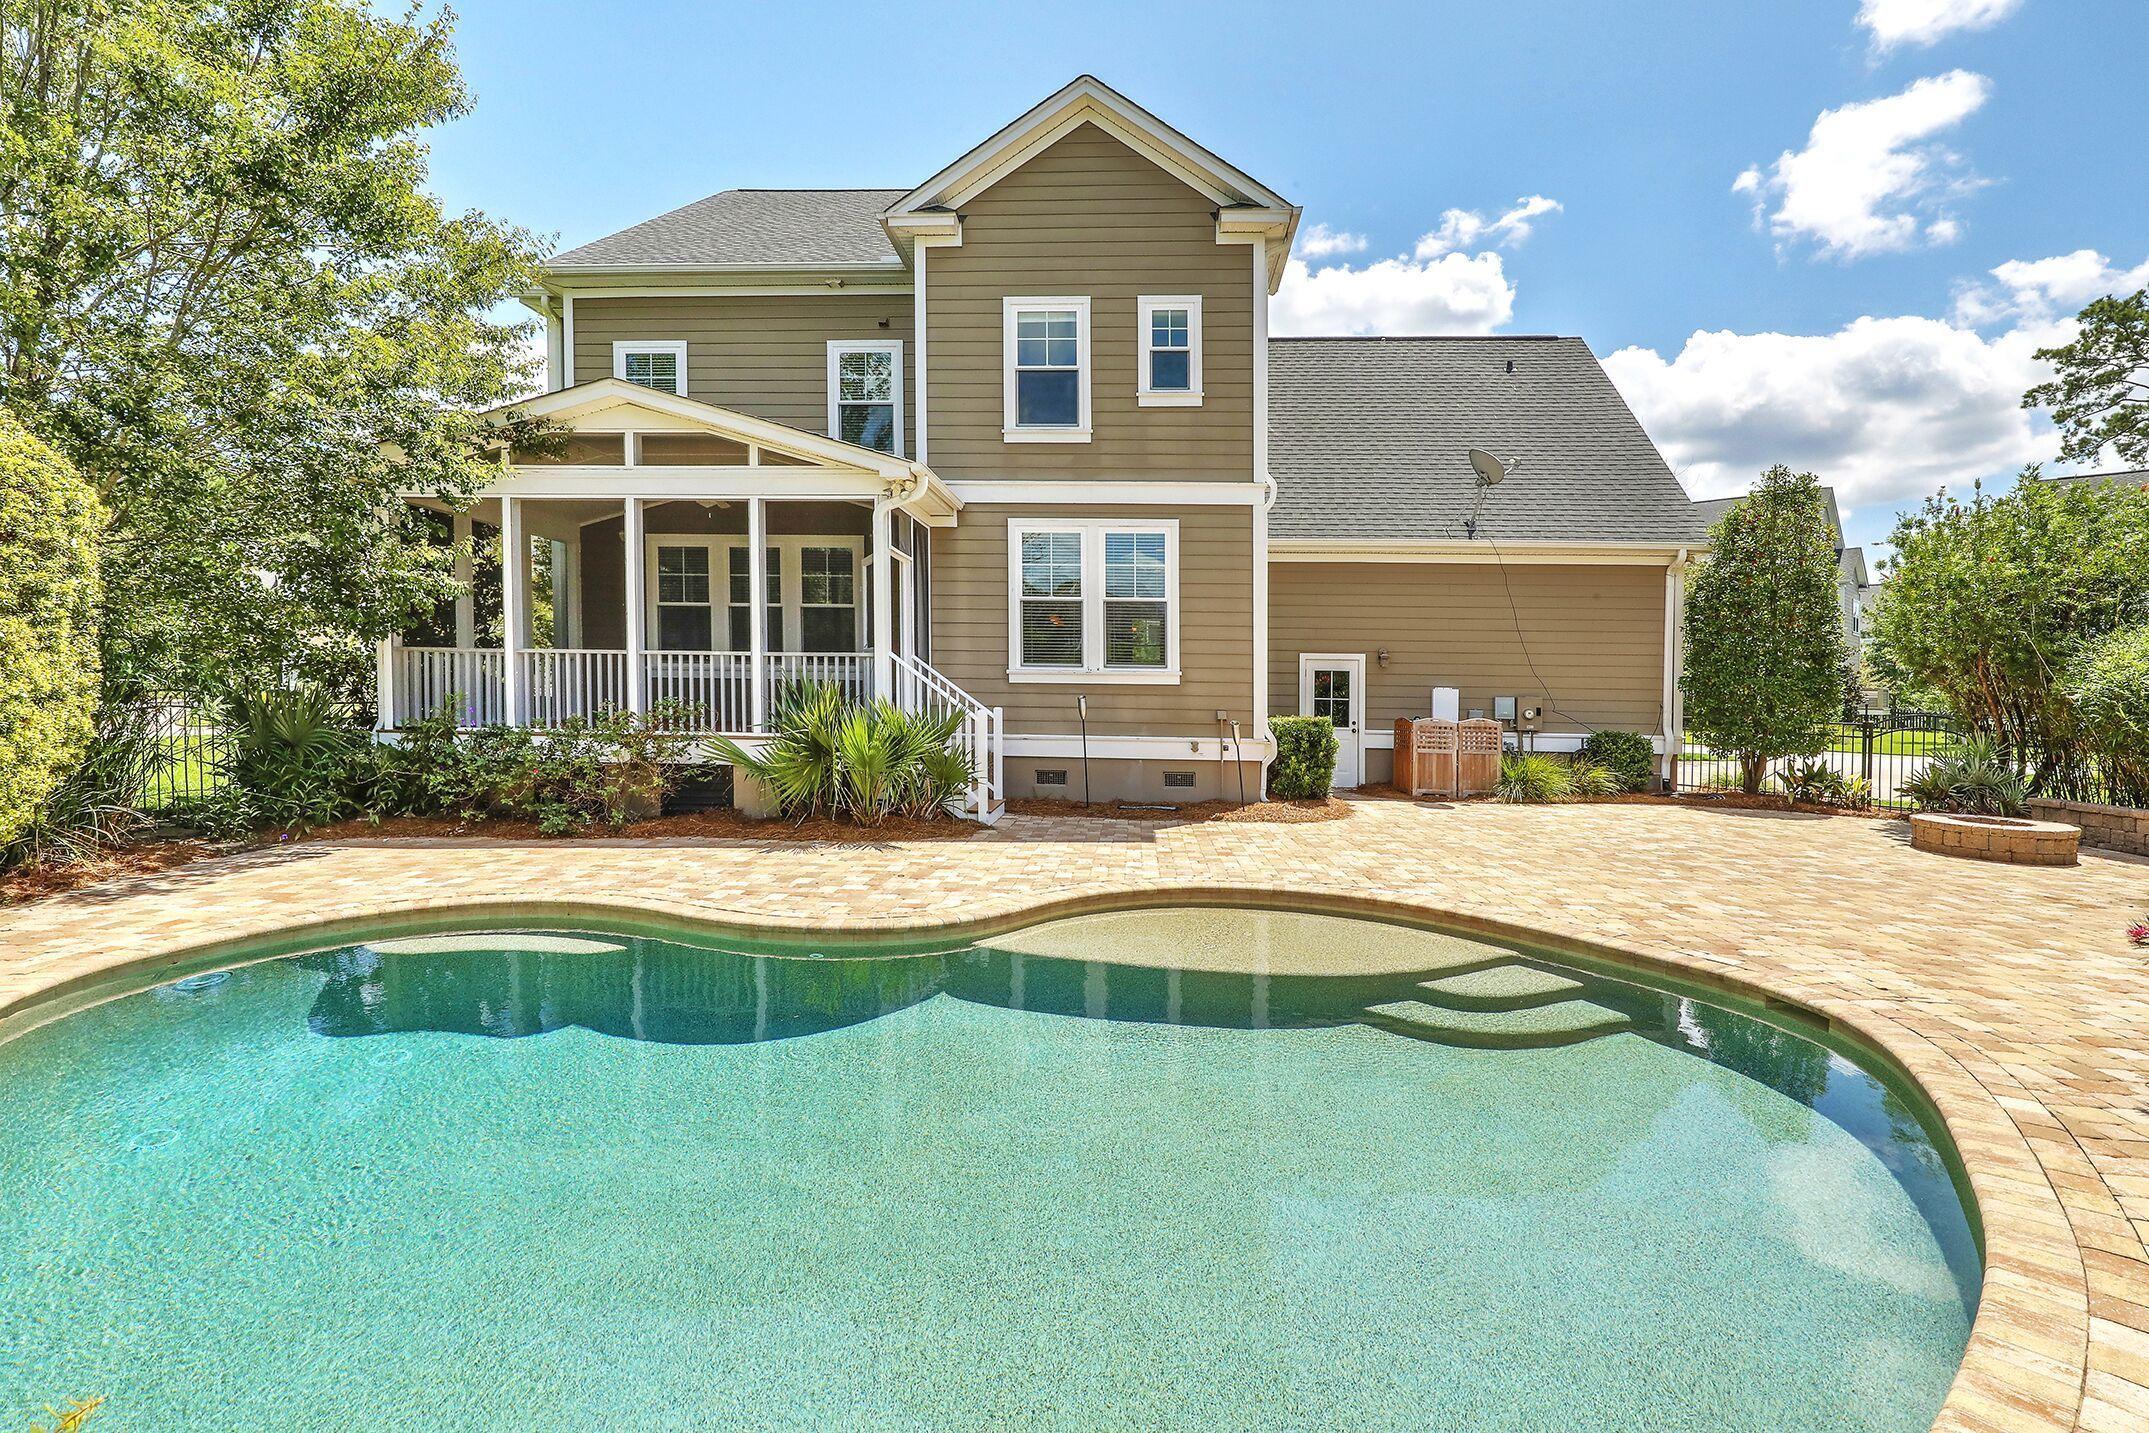 Dunes West Homes For Sale - 2970 Sturbridge, Mount Pleasant, SC - 14